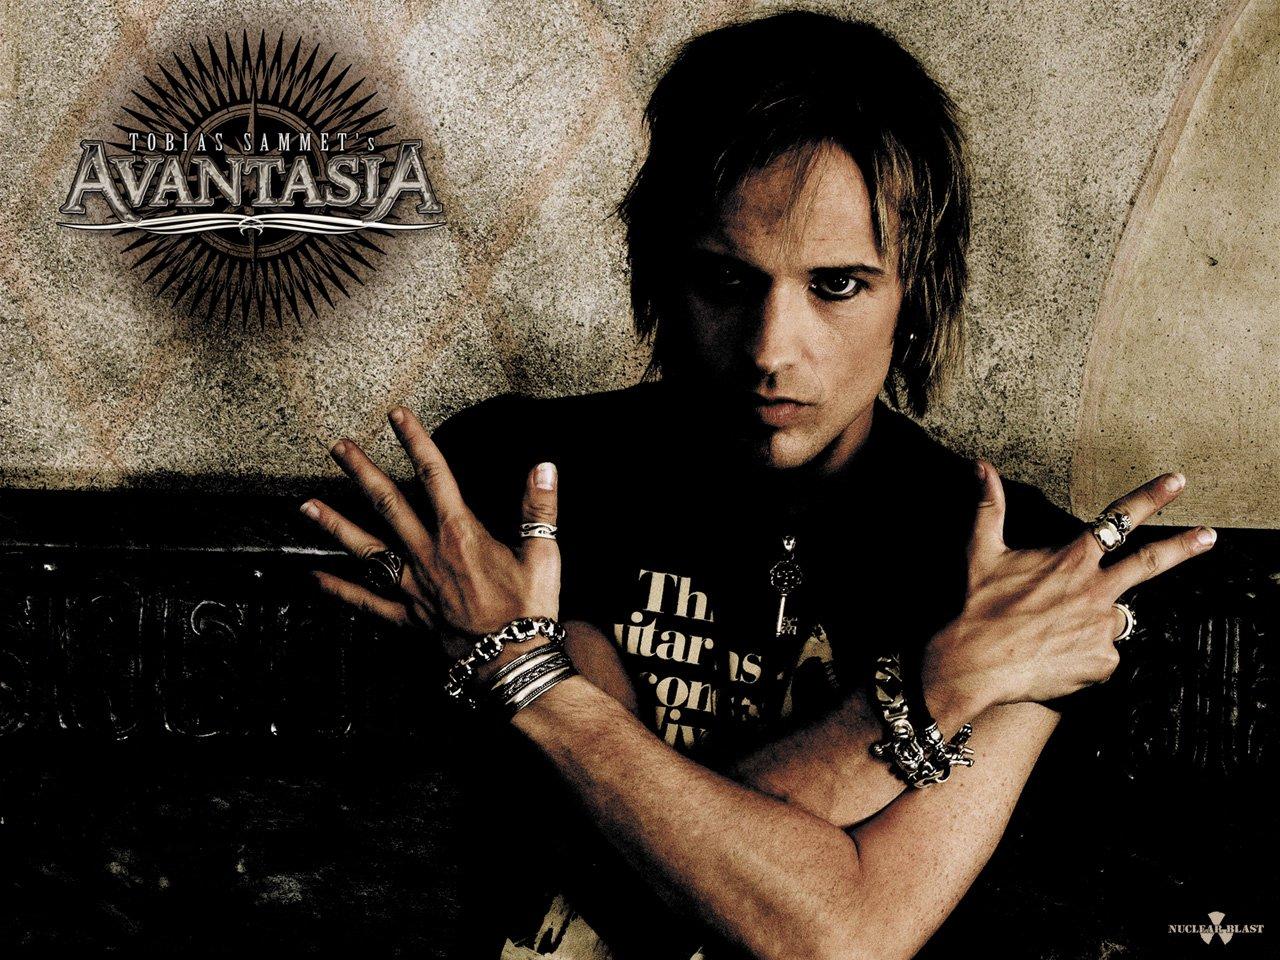 AVANTASIA - THE SEVEN ANGELS LYRICS